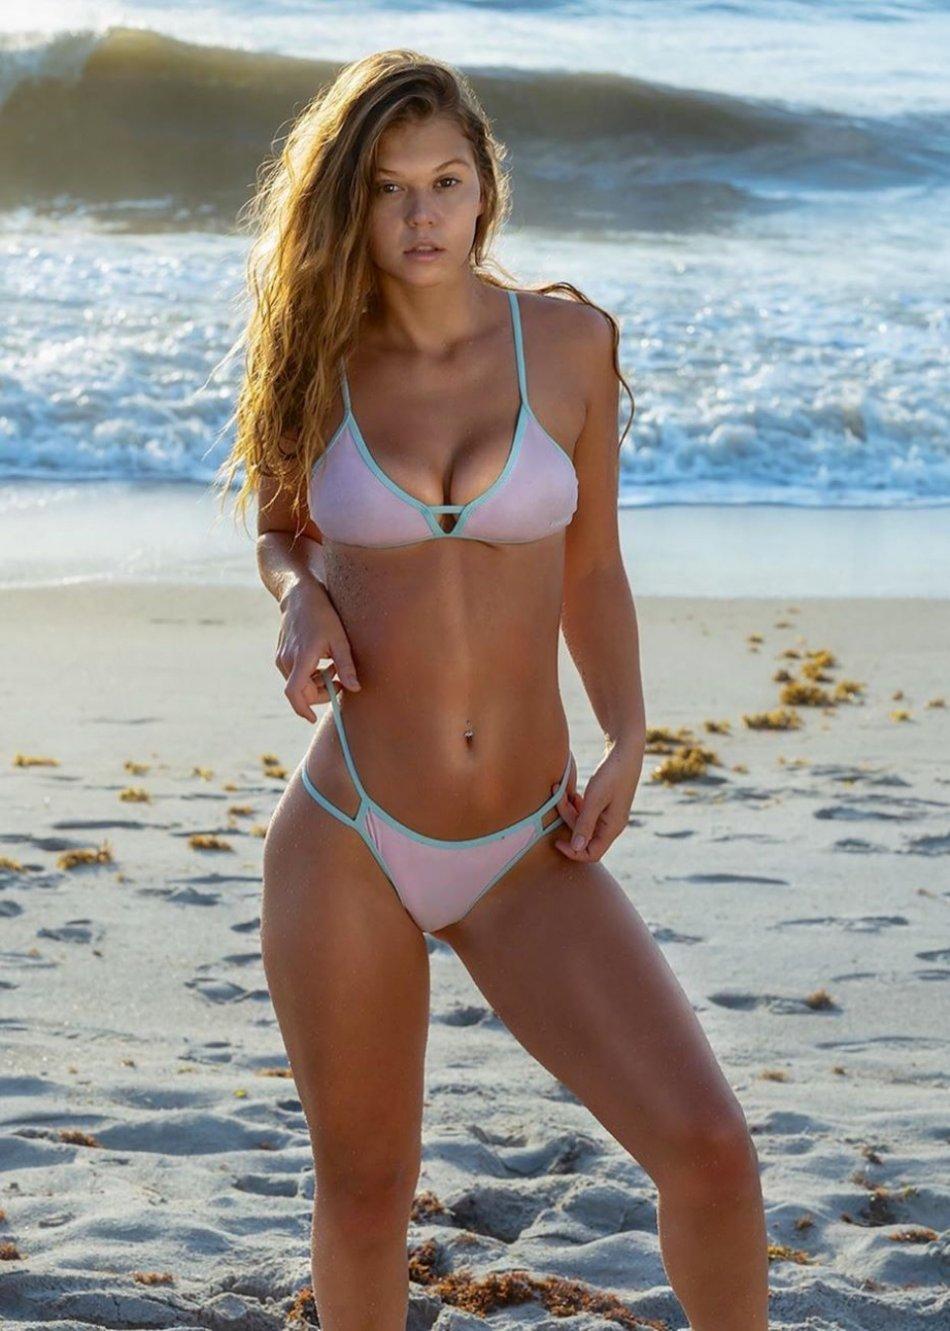 Sexy Hot Bikini Girl Wallpaper Photos Florida UCF Cecilia Florence Pic (37 Photos) 22